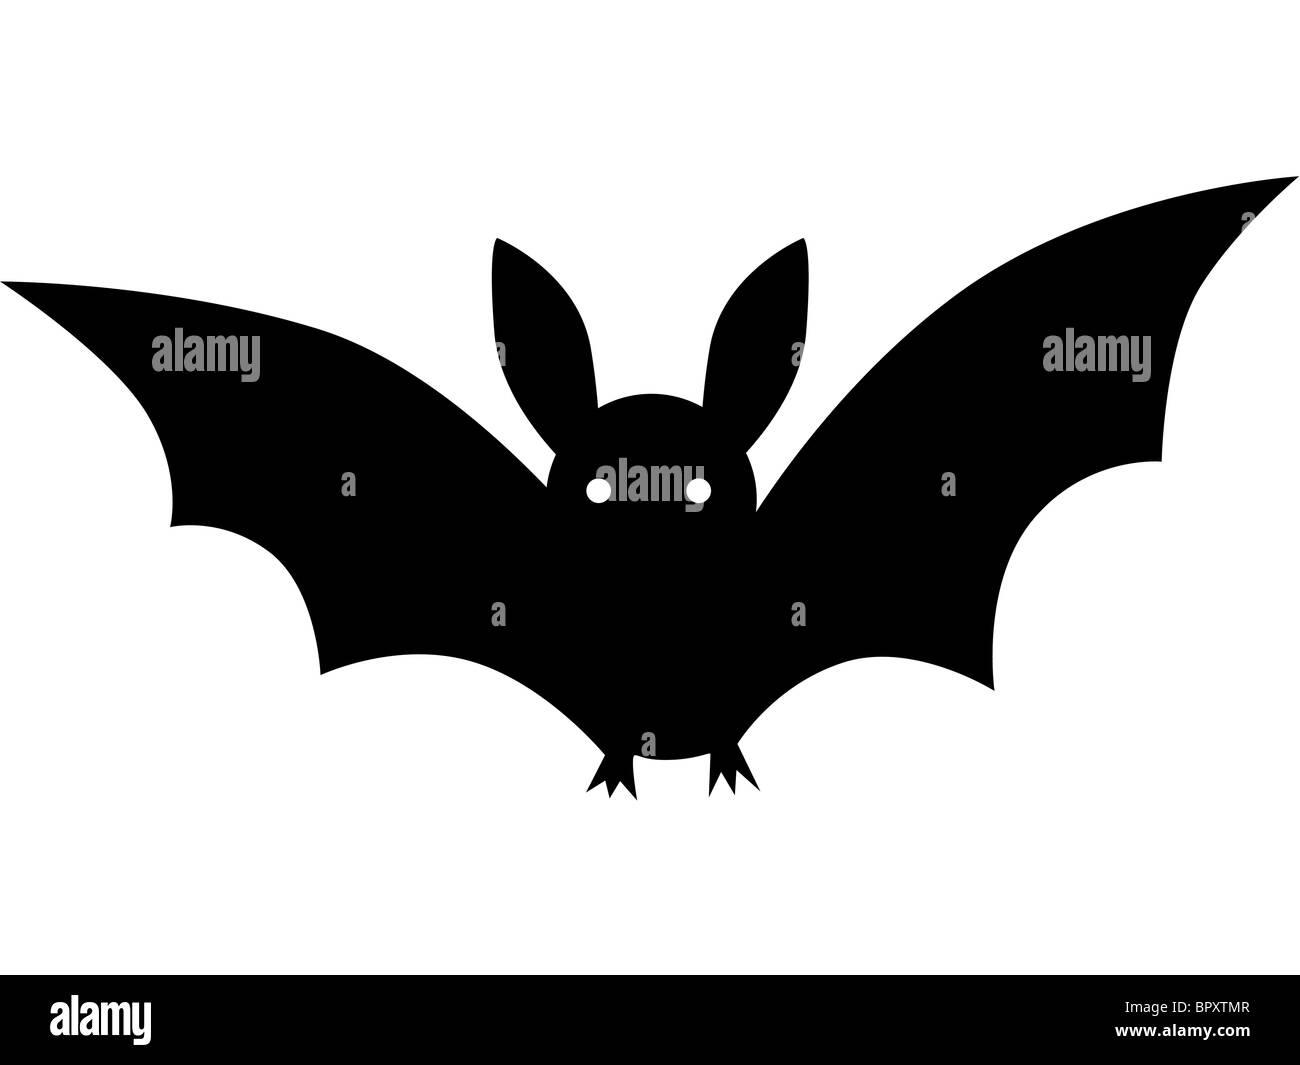 desenho a preto e branco de um morcego foto imagem de stock